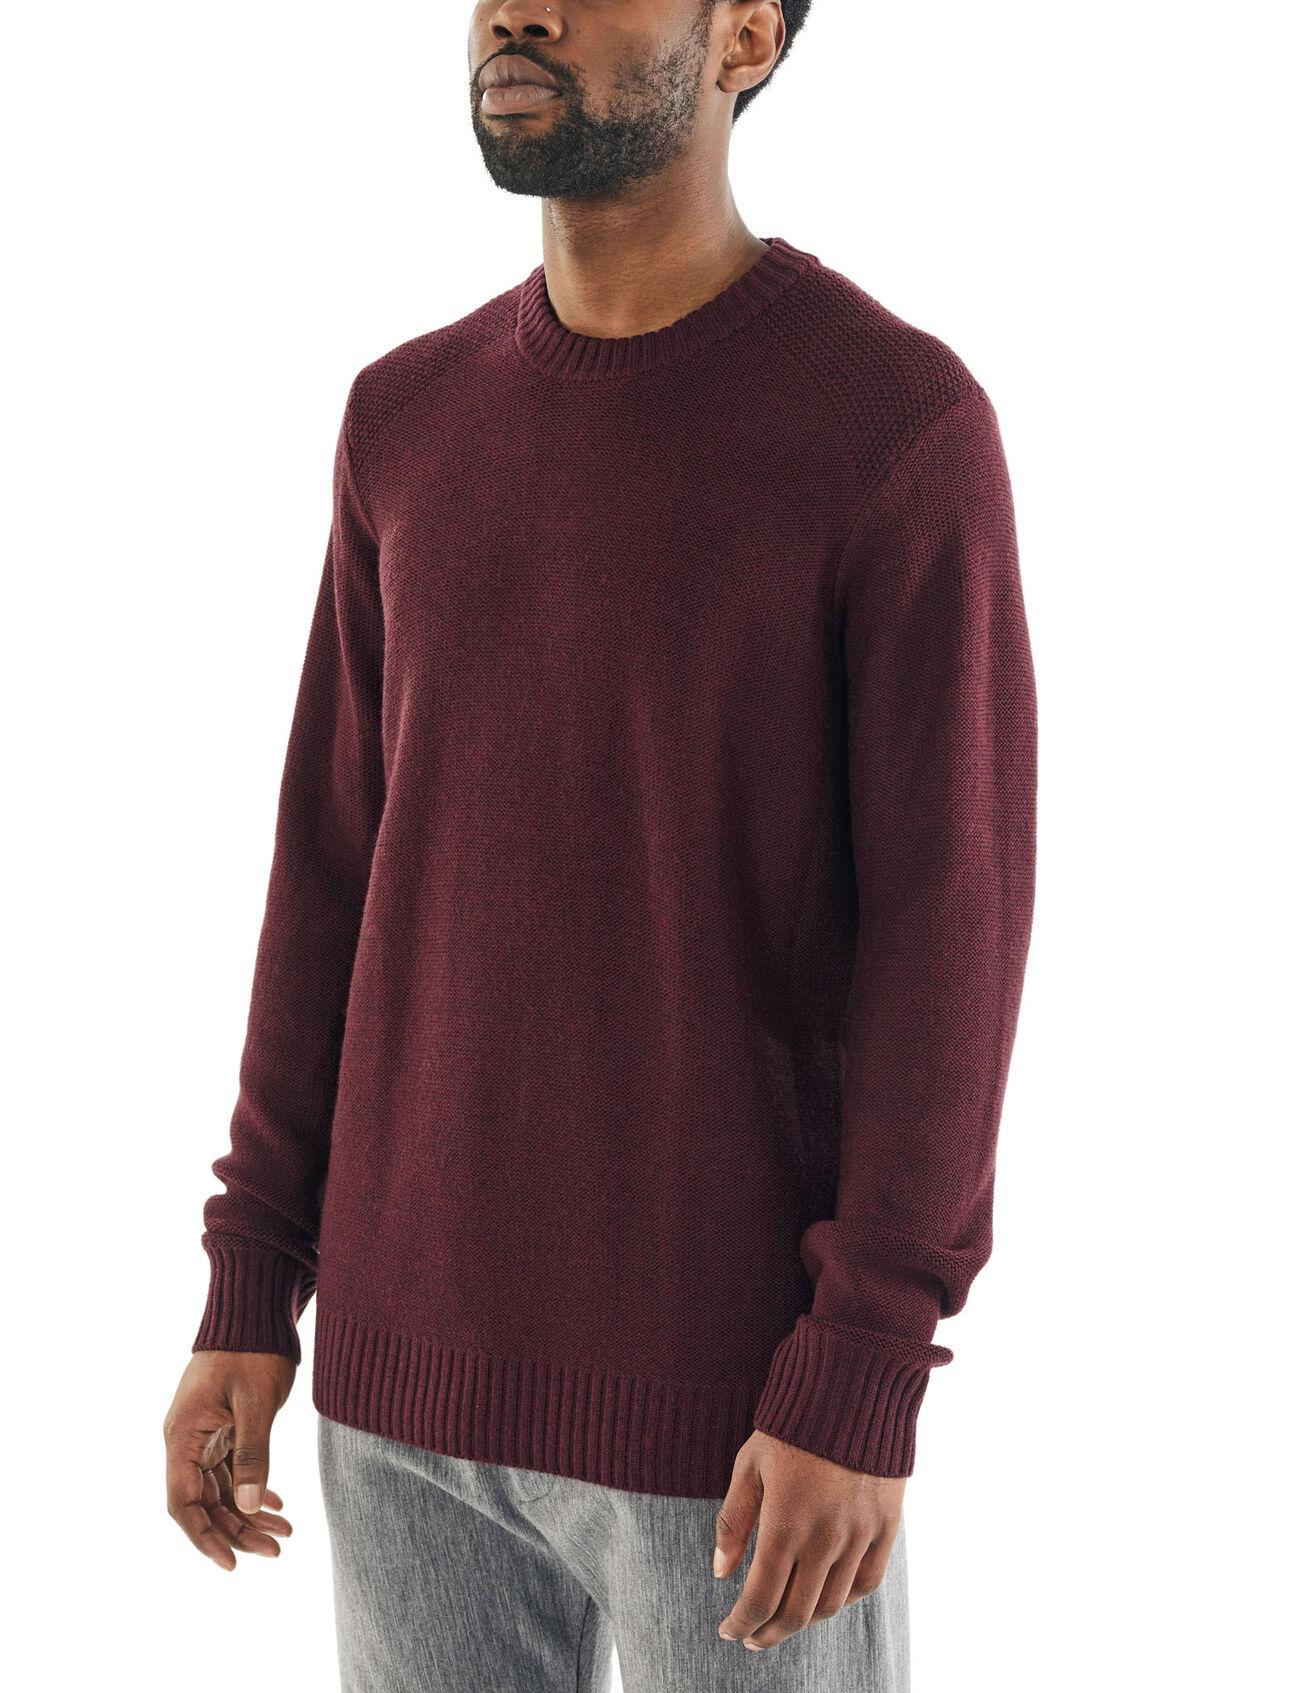 Icebreaker Merino Mens Mens Waypoint Crewe Sweater Long Sleeve Athletic-Sweaters